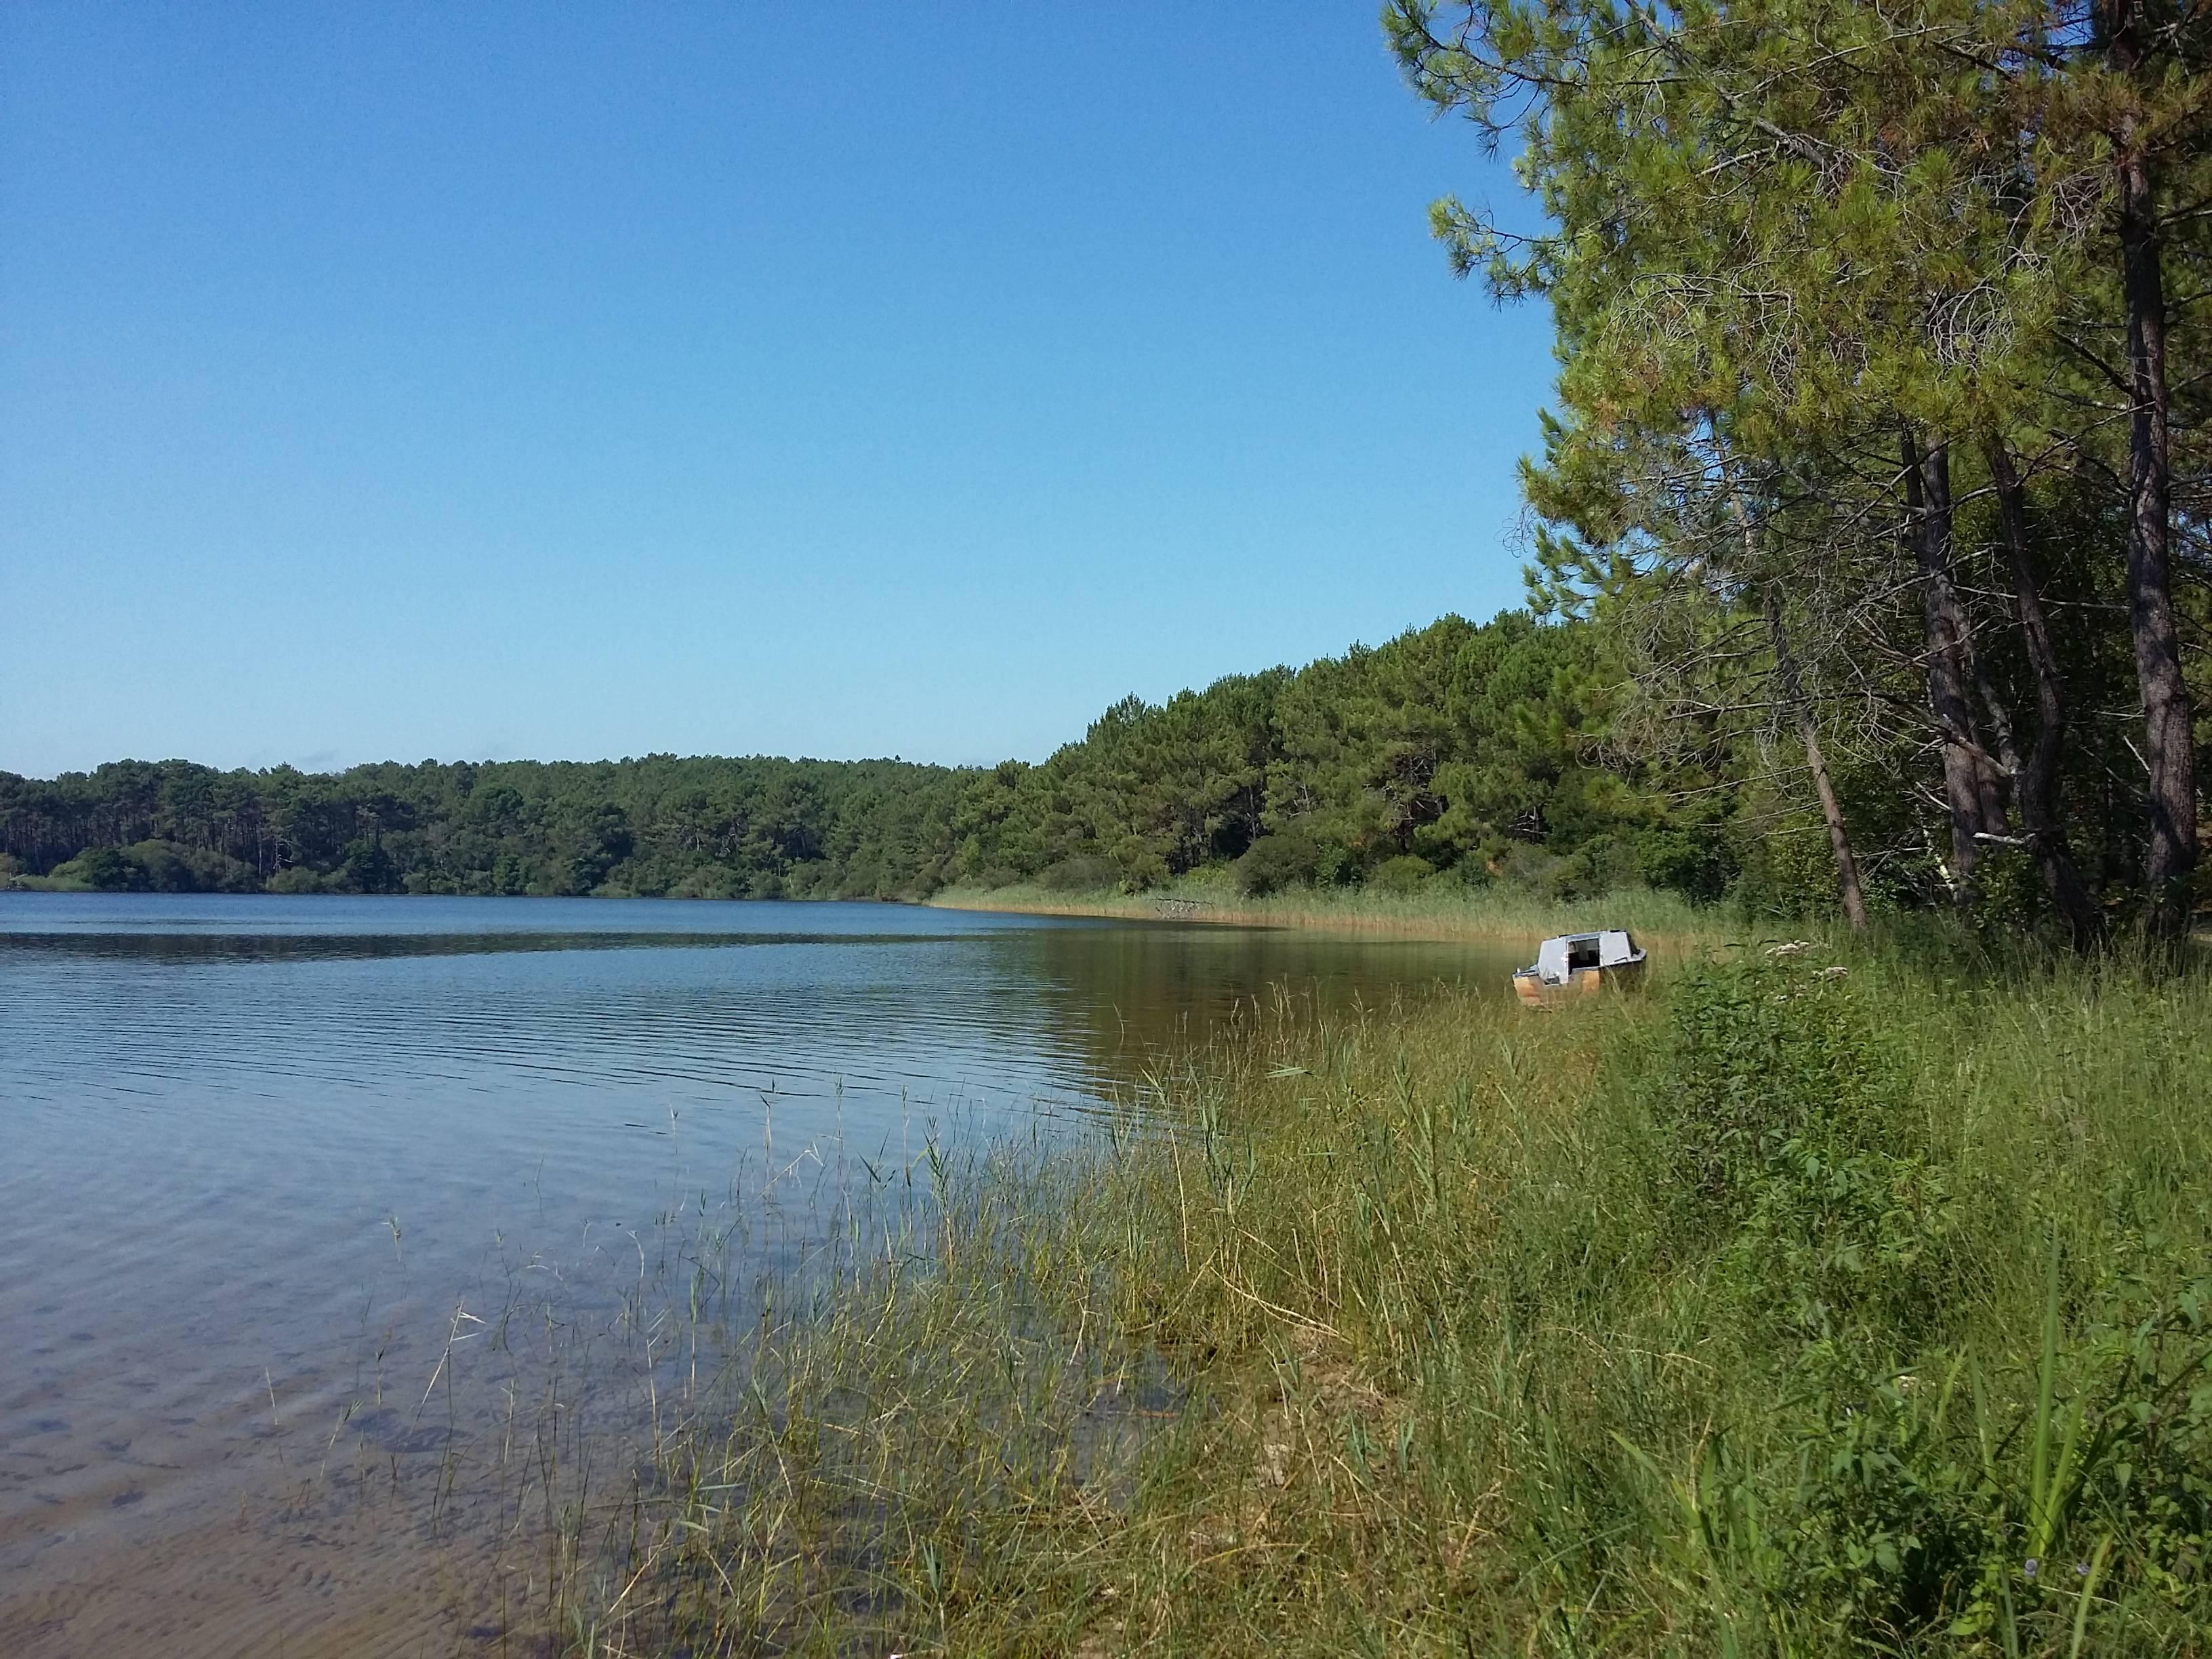 Photo 1: Sur la plage abandonnée au lac de lacanau